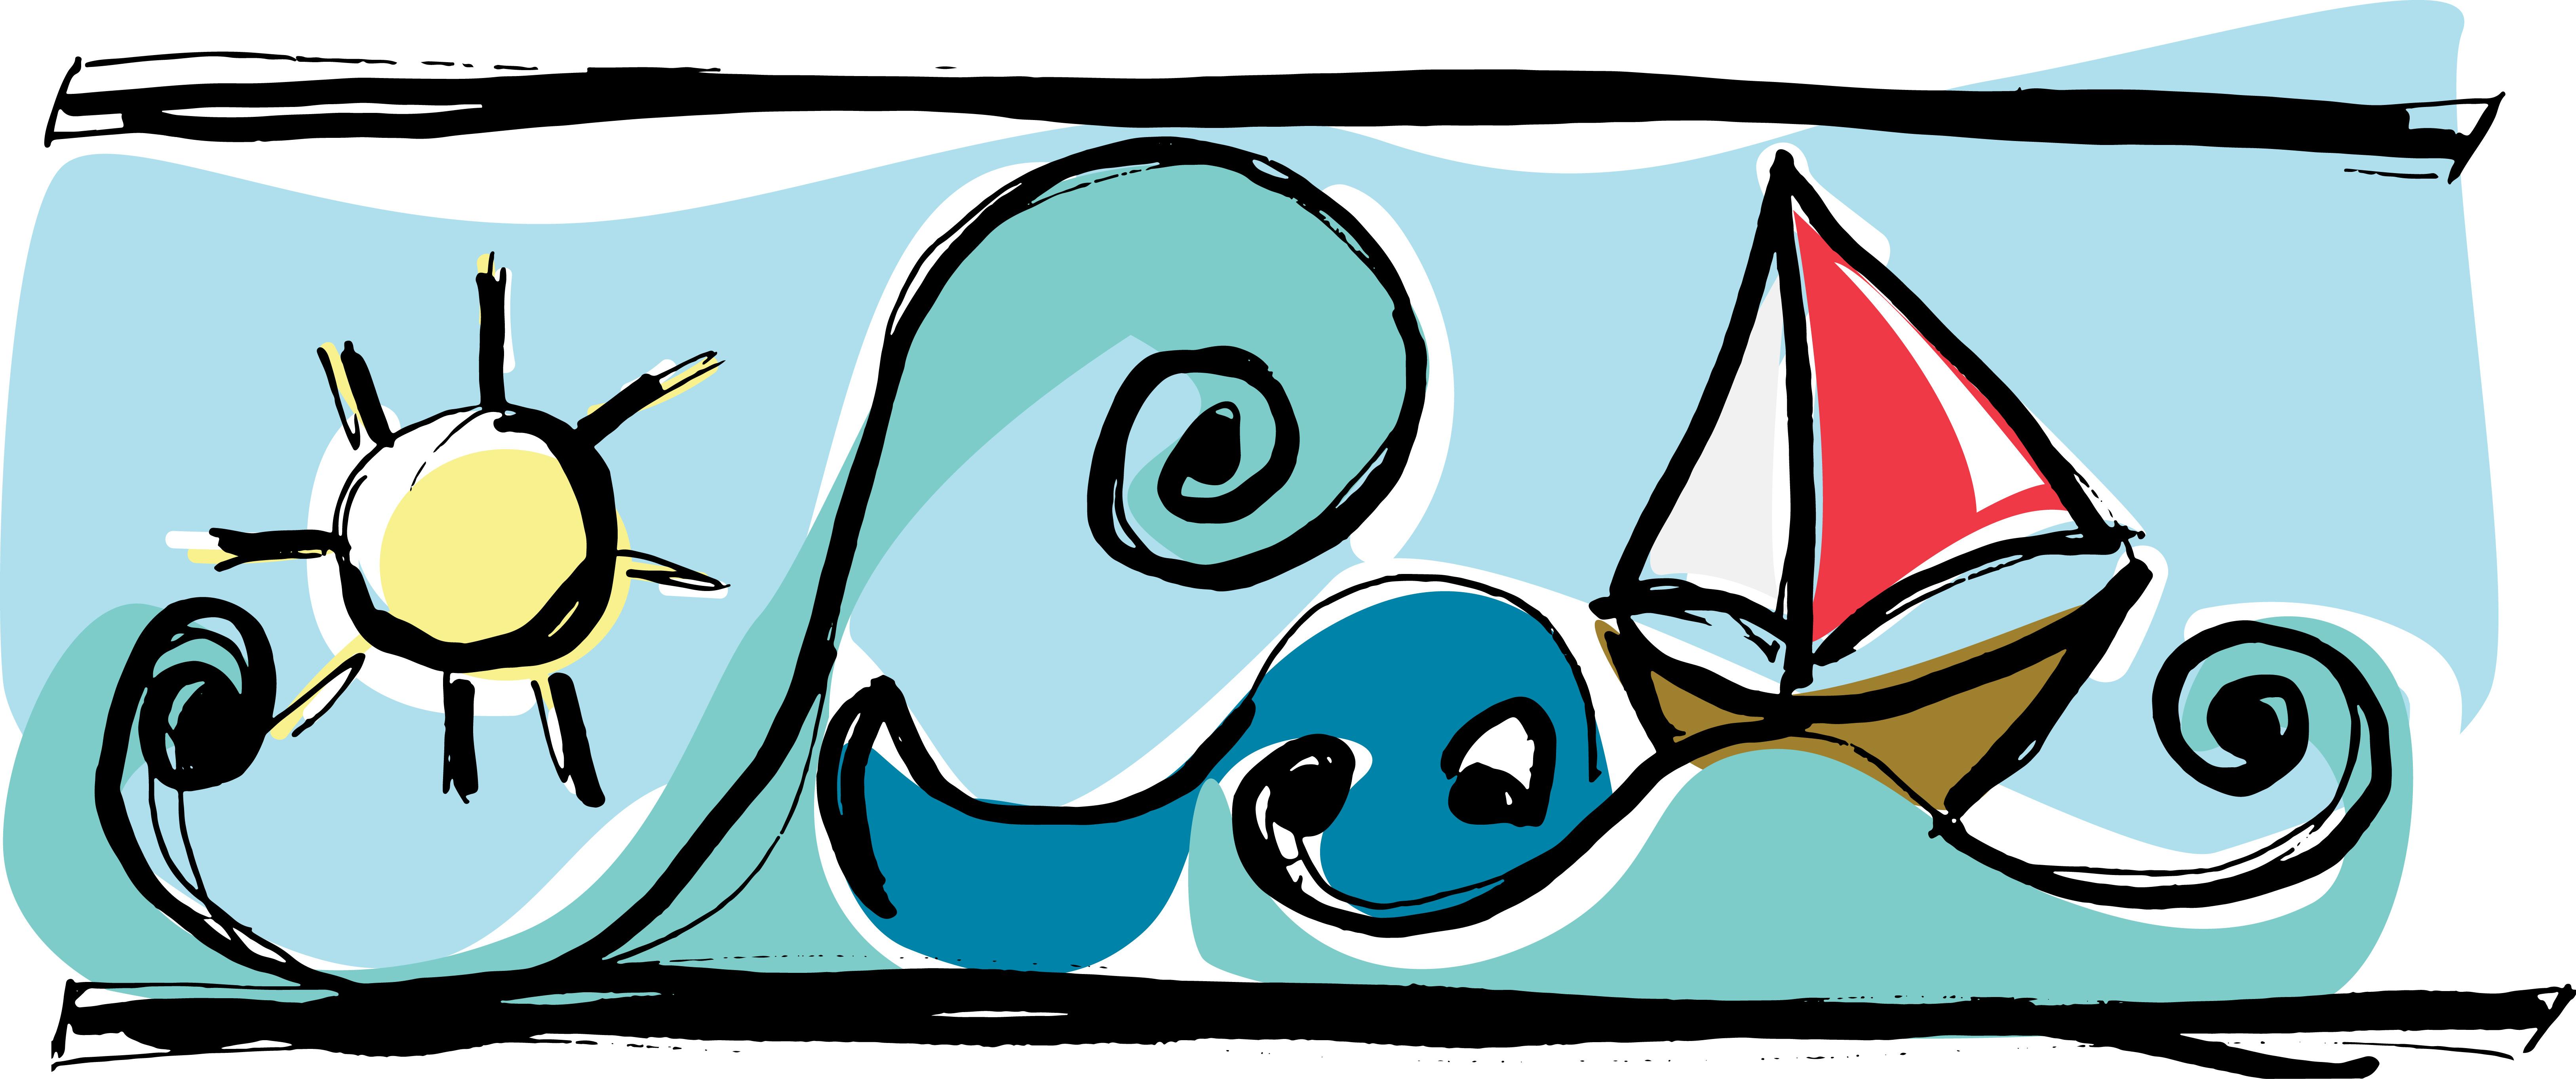 Sun, Boat, Whale Sketch